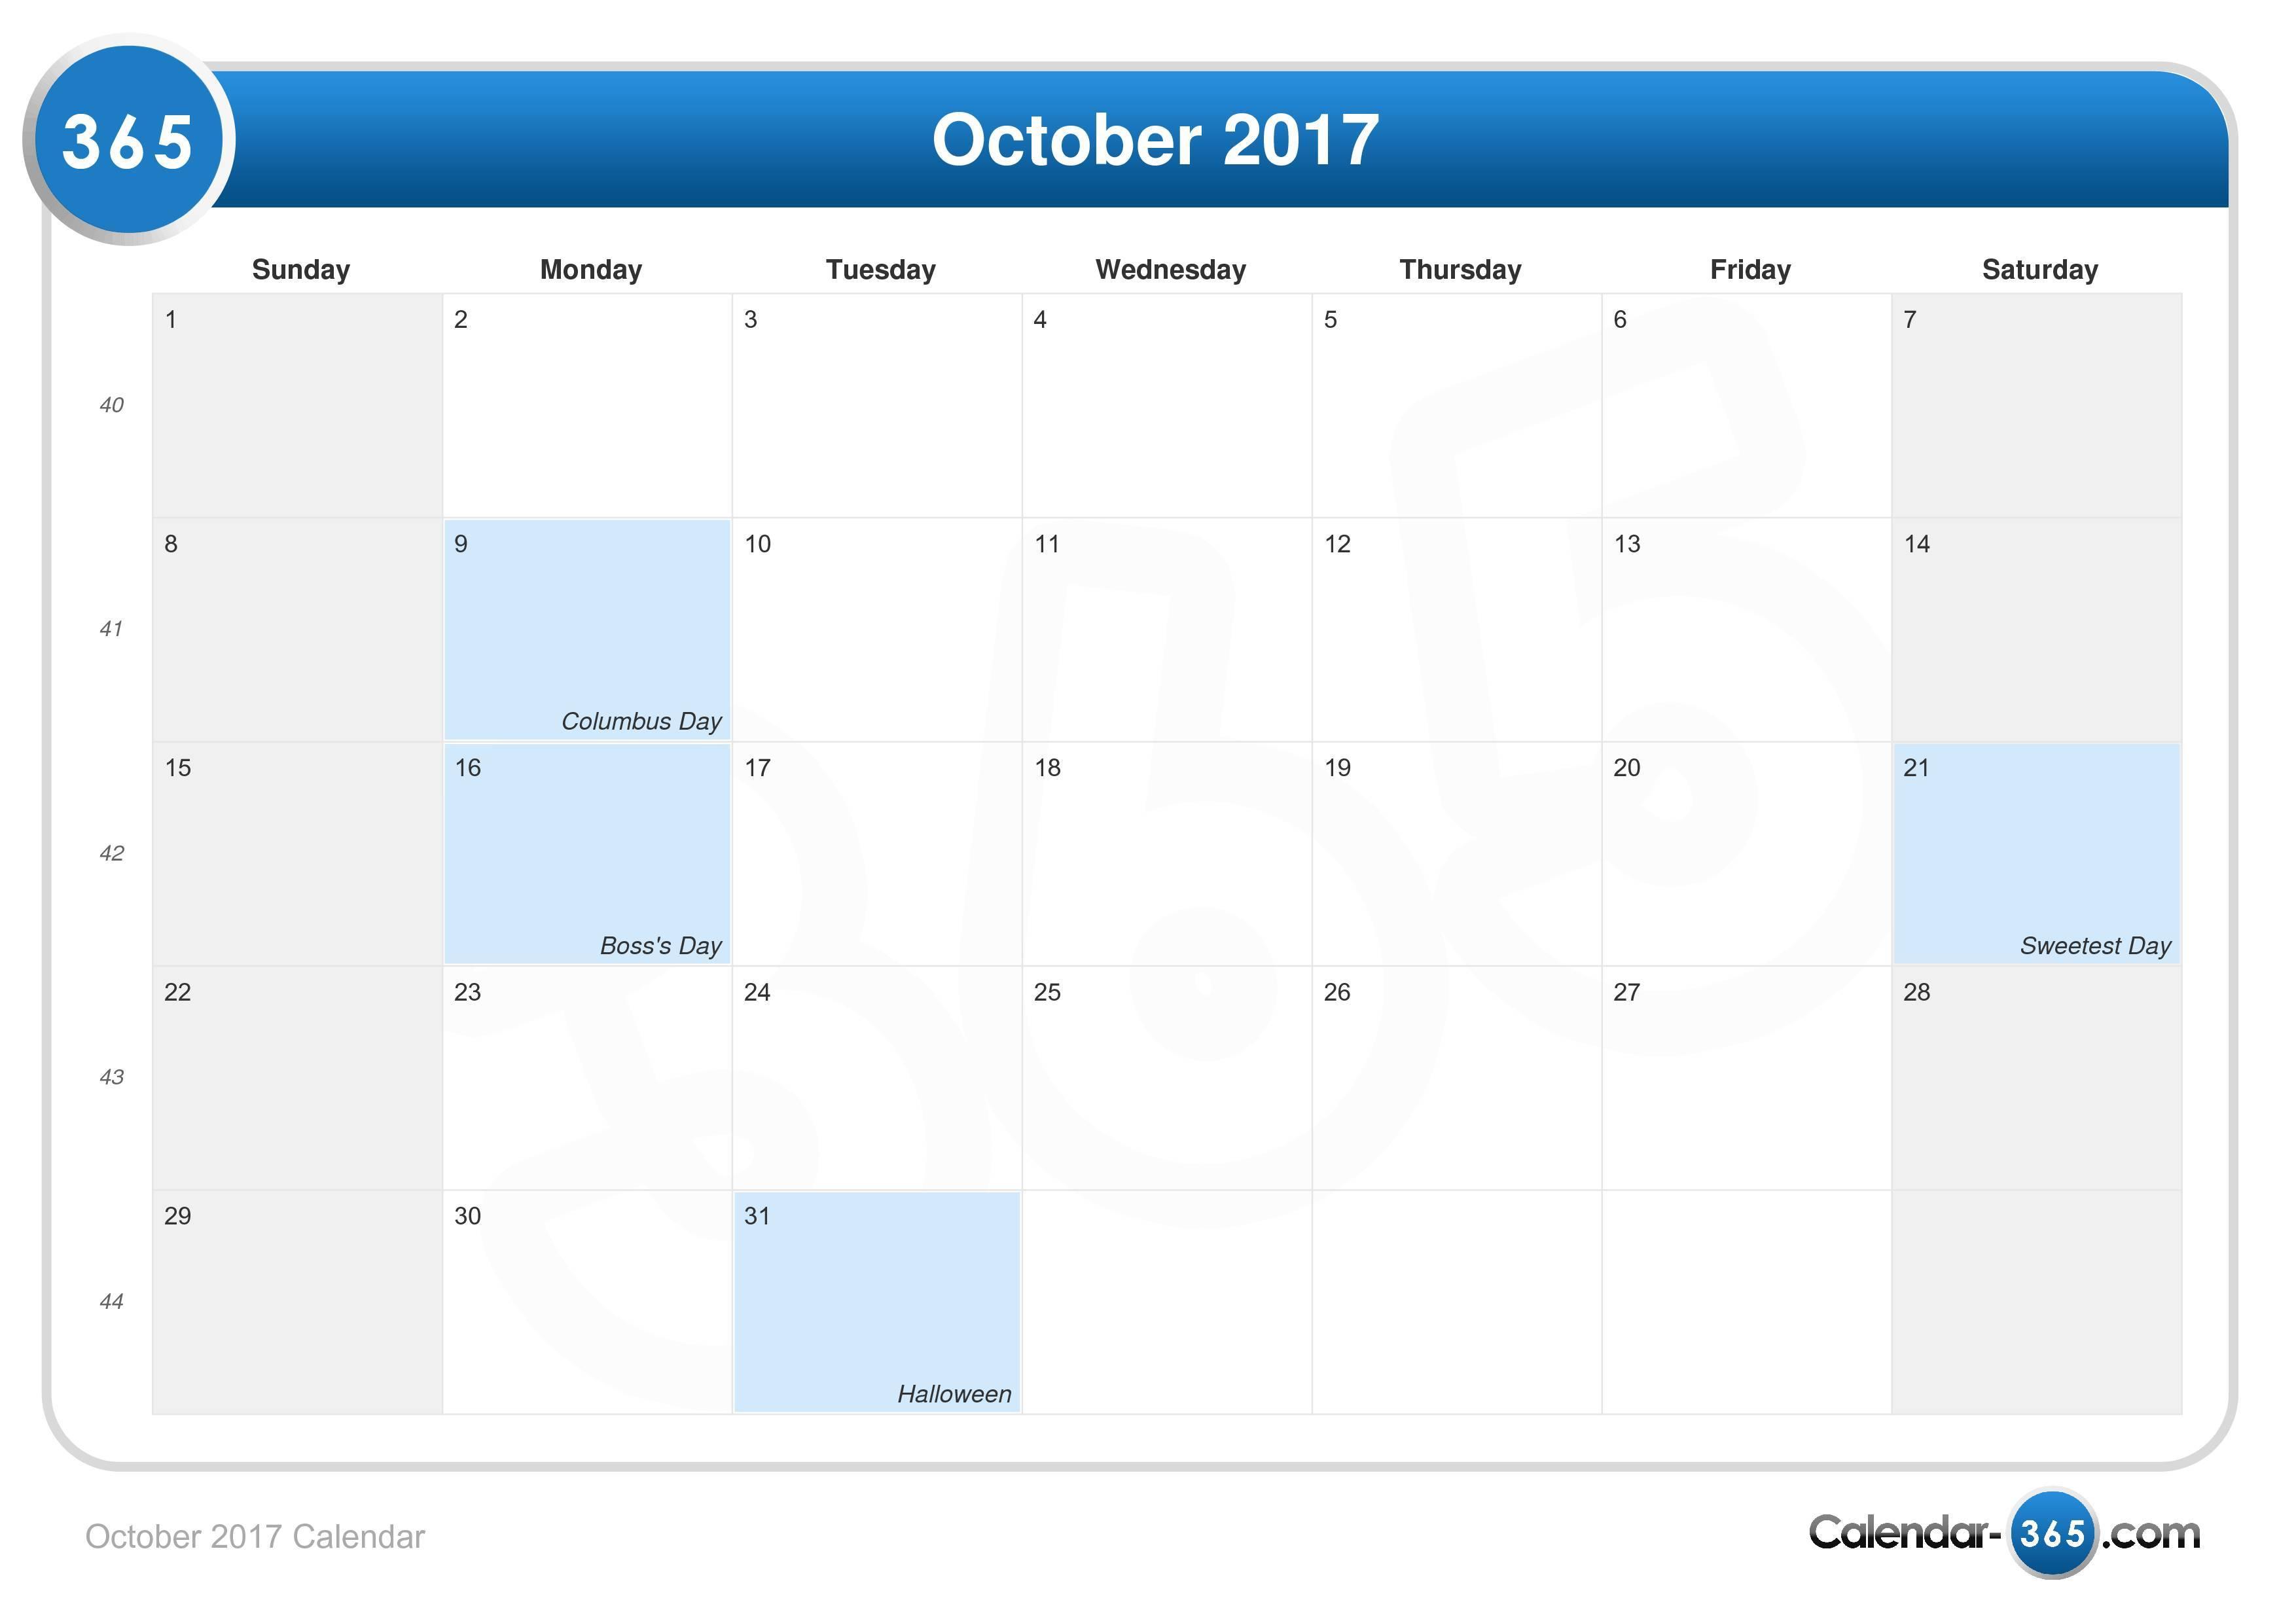 October-2017-Calendar.jpg